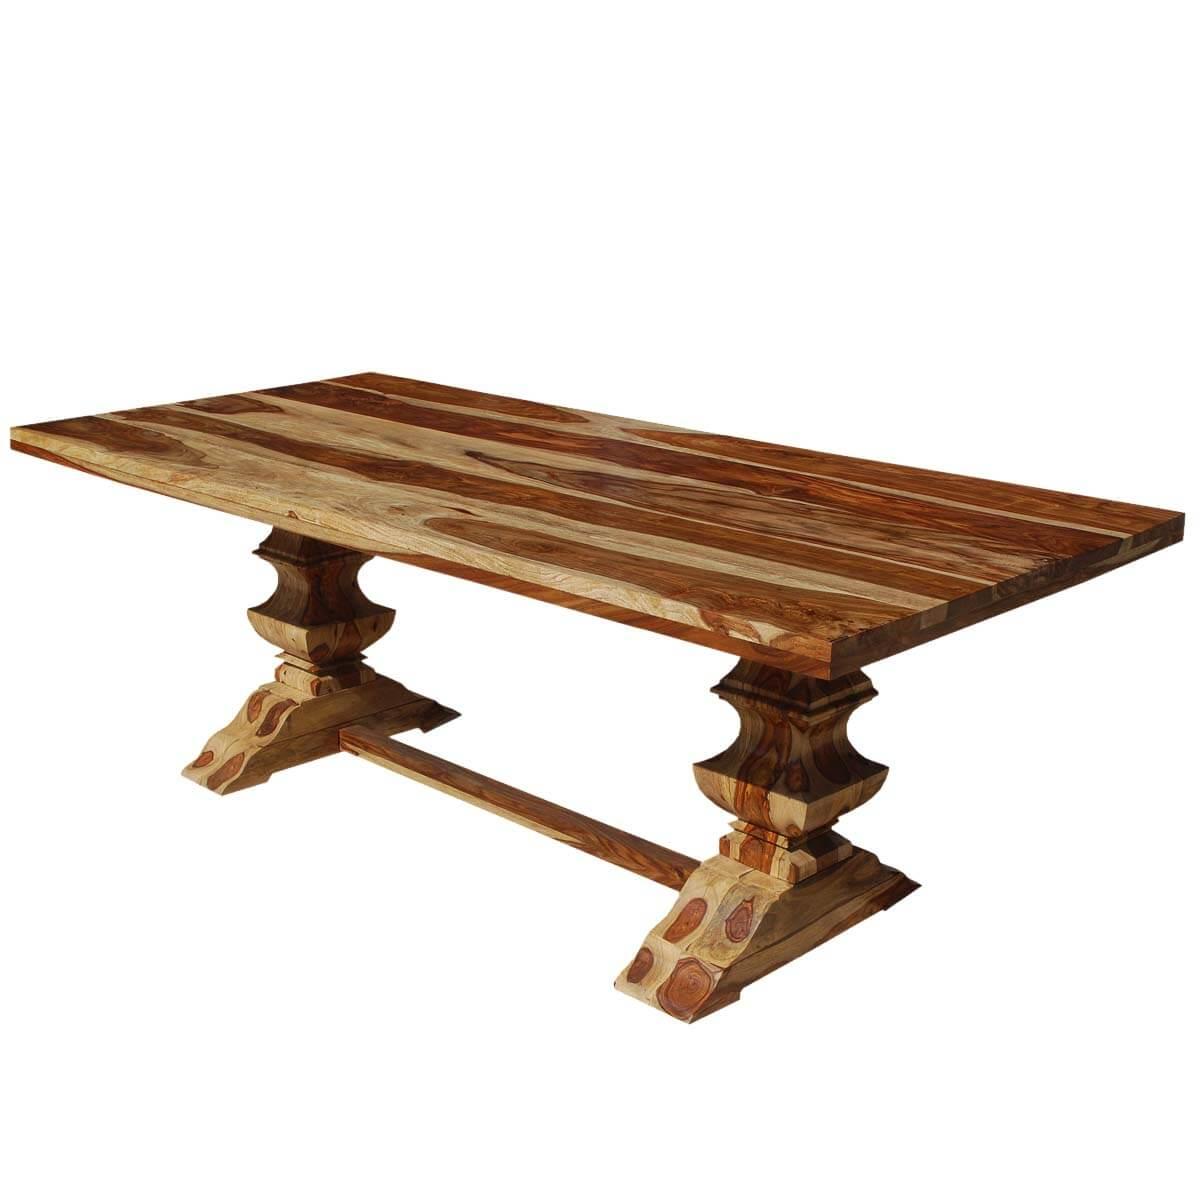 Dallas ranch trestle pelham solid wood dining table for 8 for Solid wood dining table